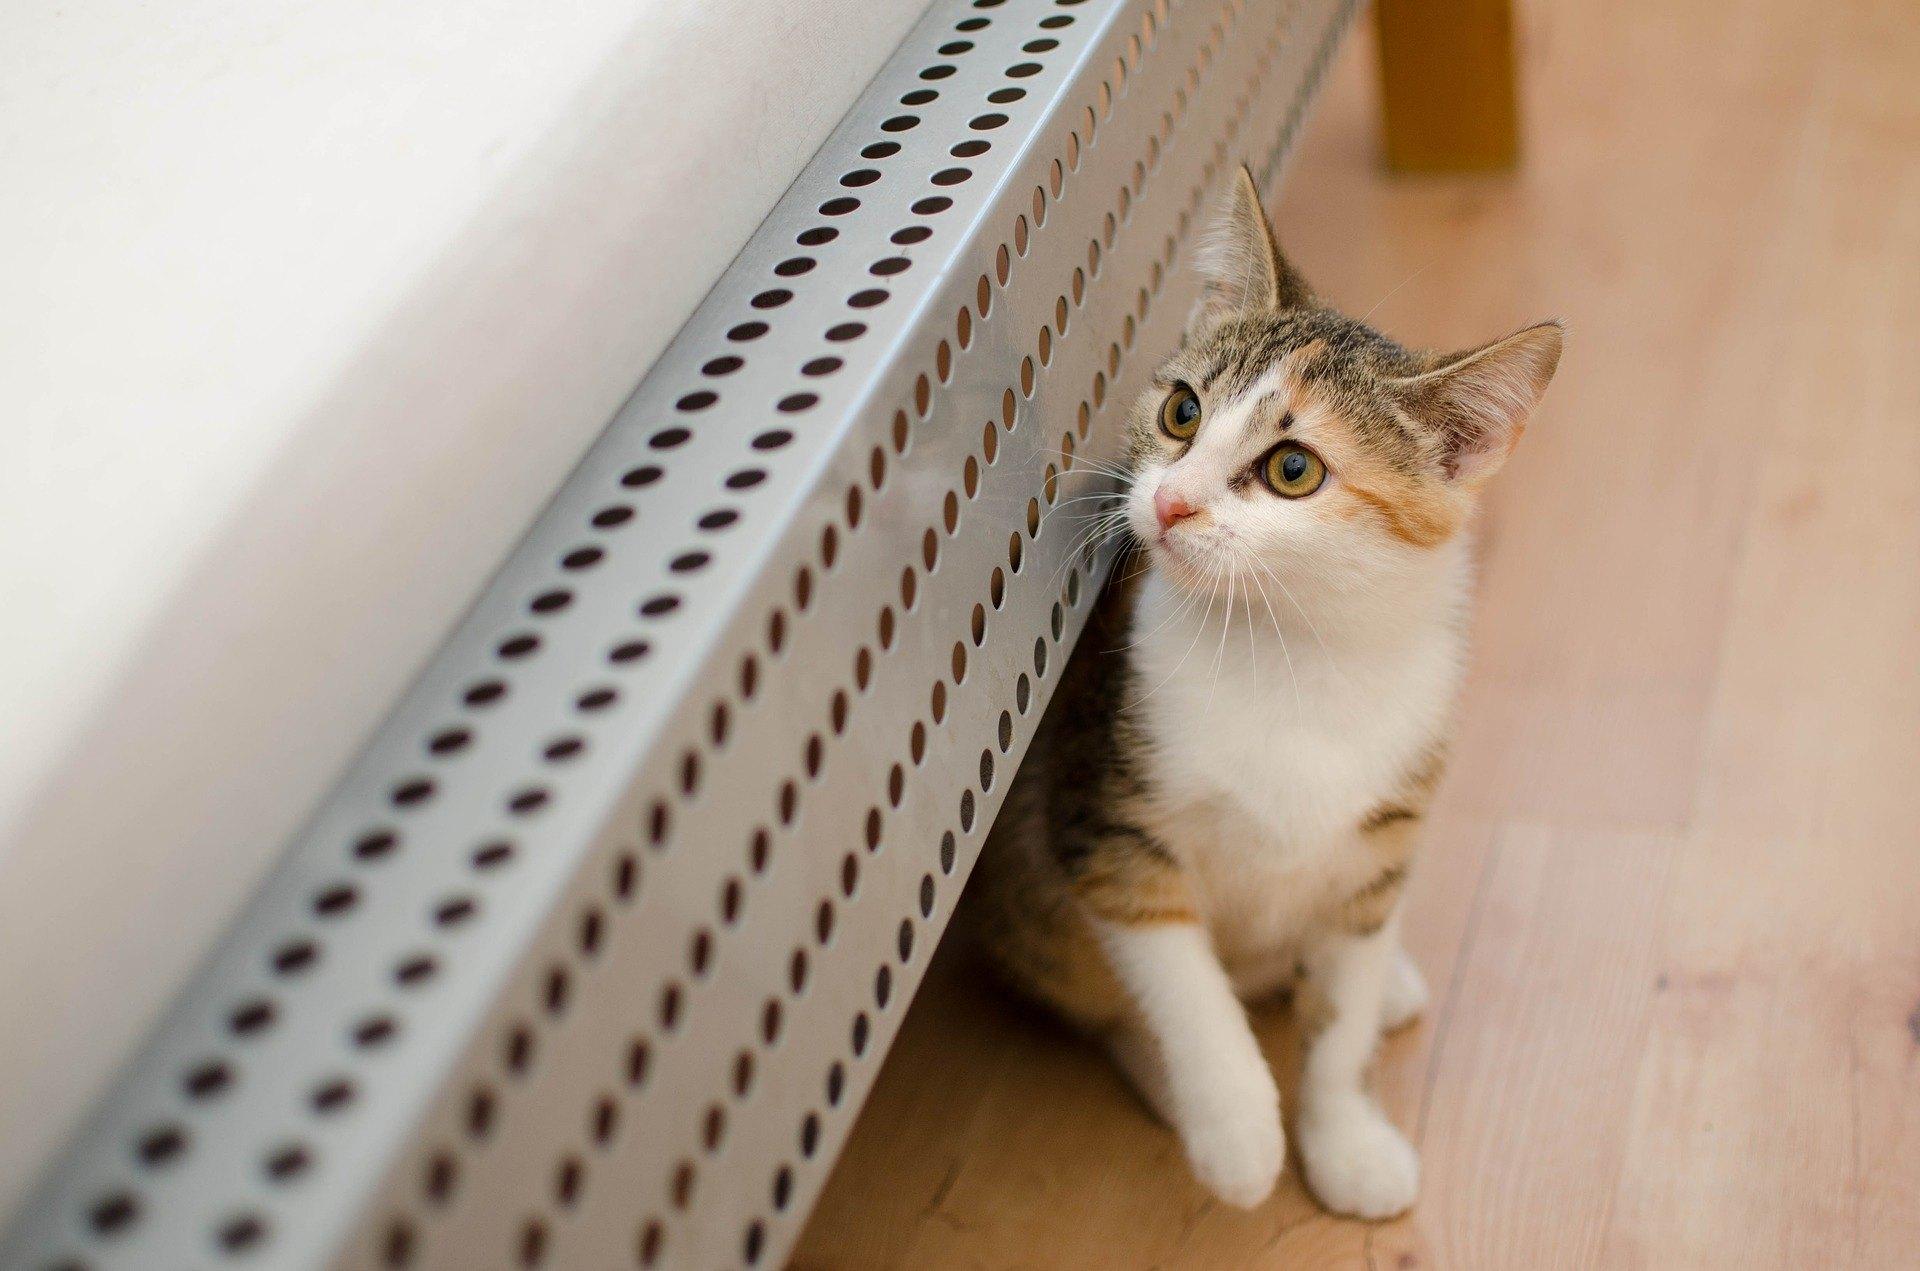 Es ist nicht leicht, der Katze eine Tablette zu verabreichen. Es ist schwer, dieses unabhängige Tier dazu zu bringen, etwas zu schlucken, was sie nicht schlucken will.